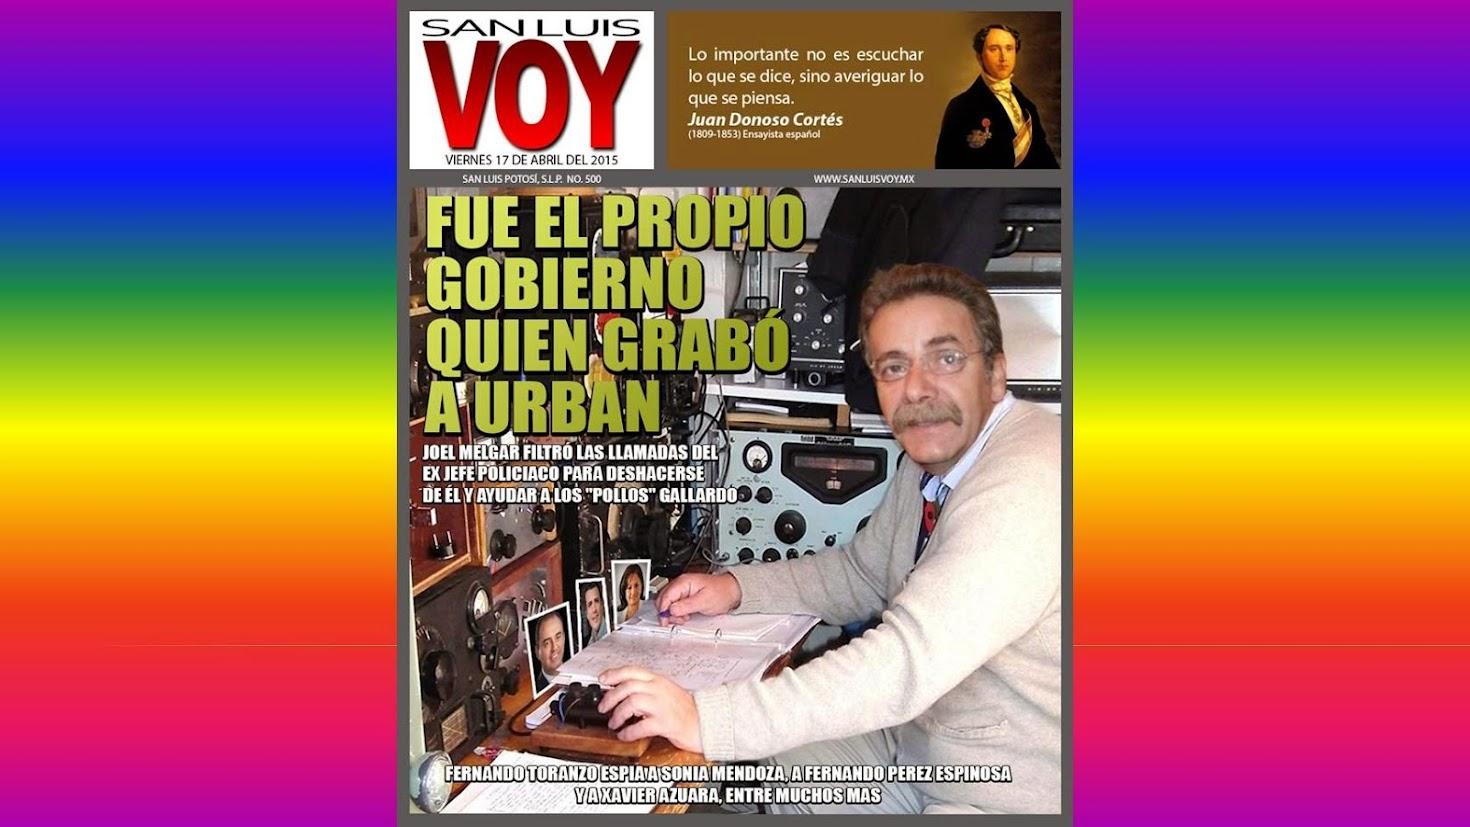 ESCALATA TORANZO, EL ESPIONAJE TELEFÓNICO EN EL C4.......